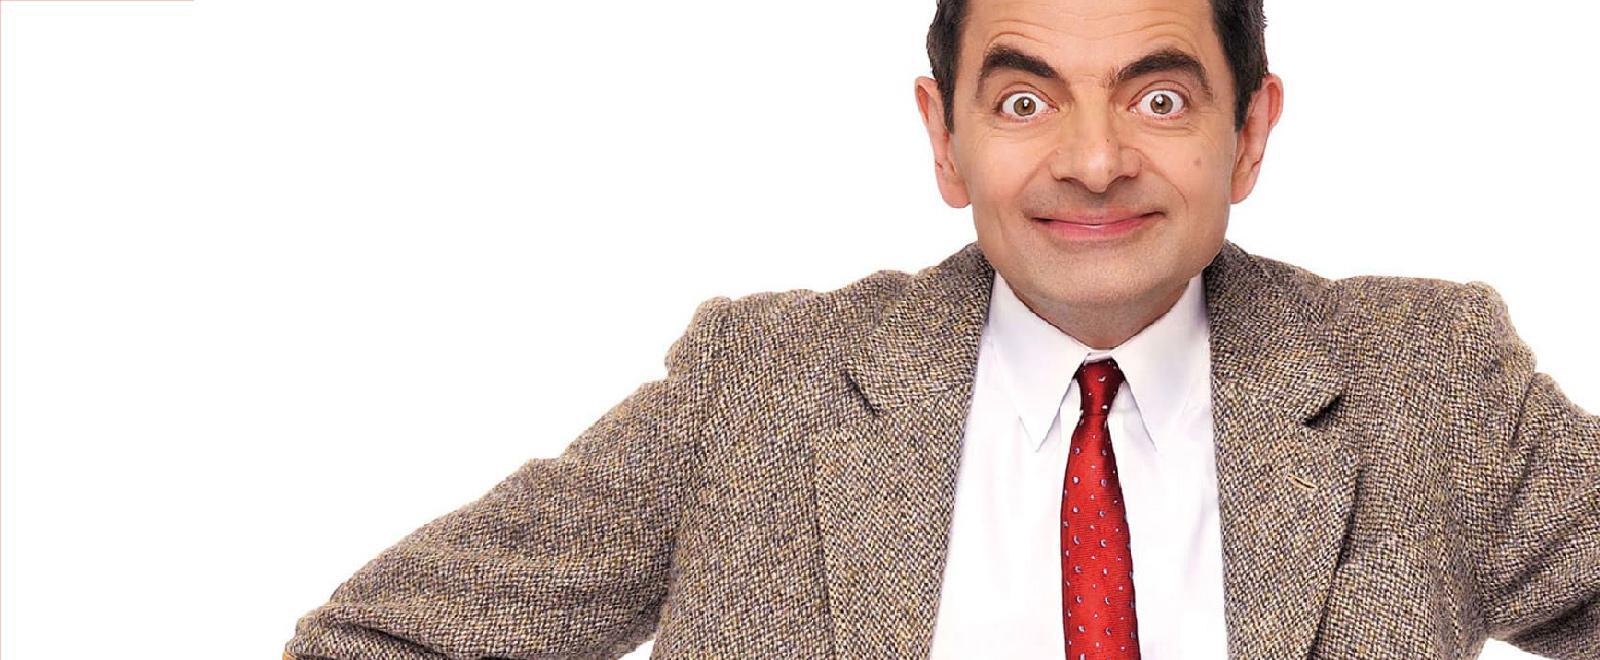 Mr.Bean